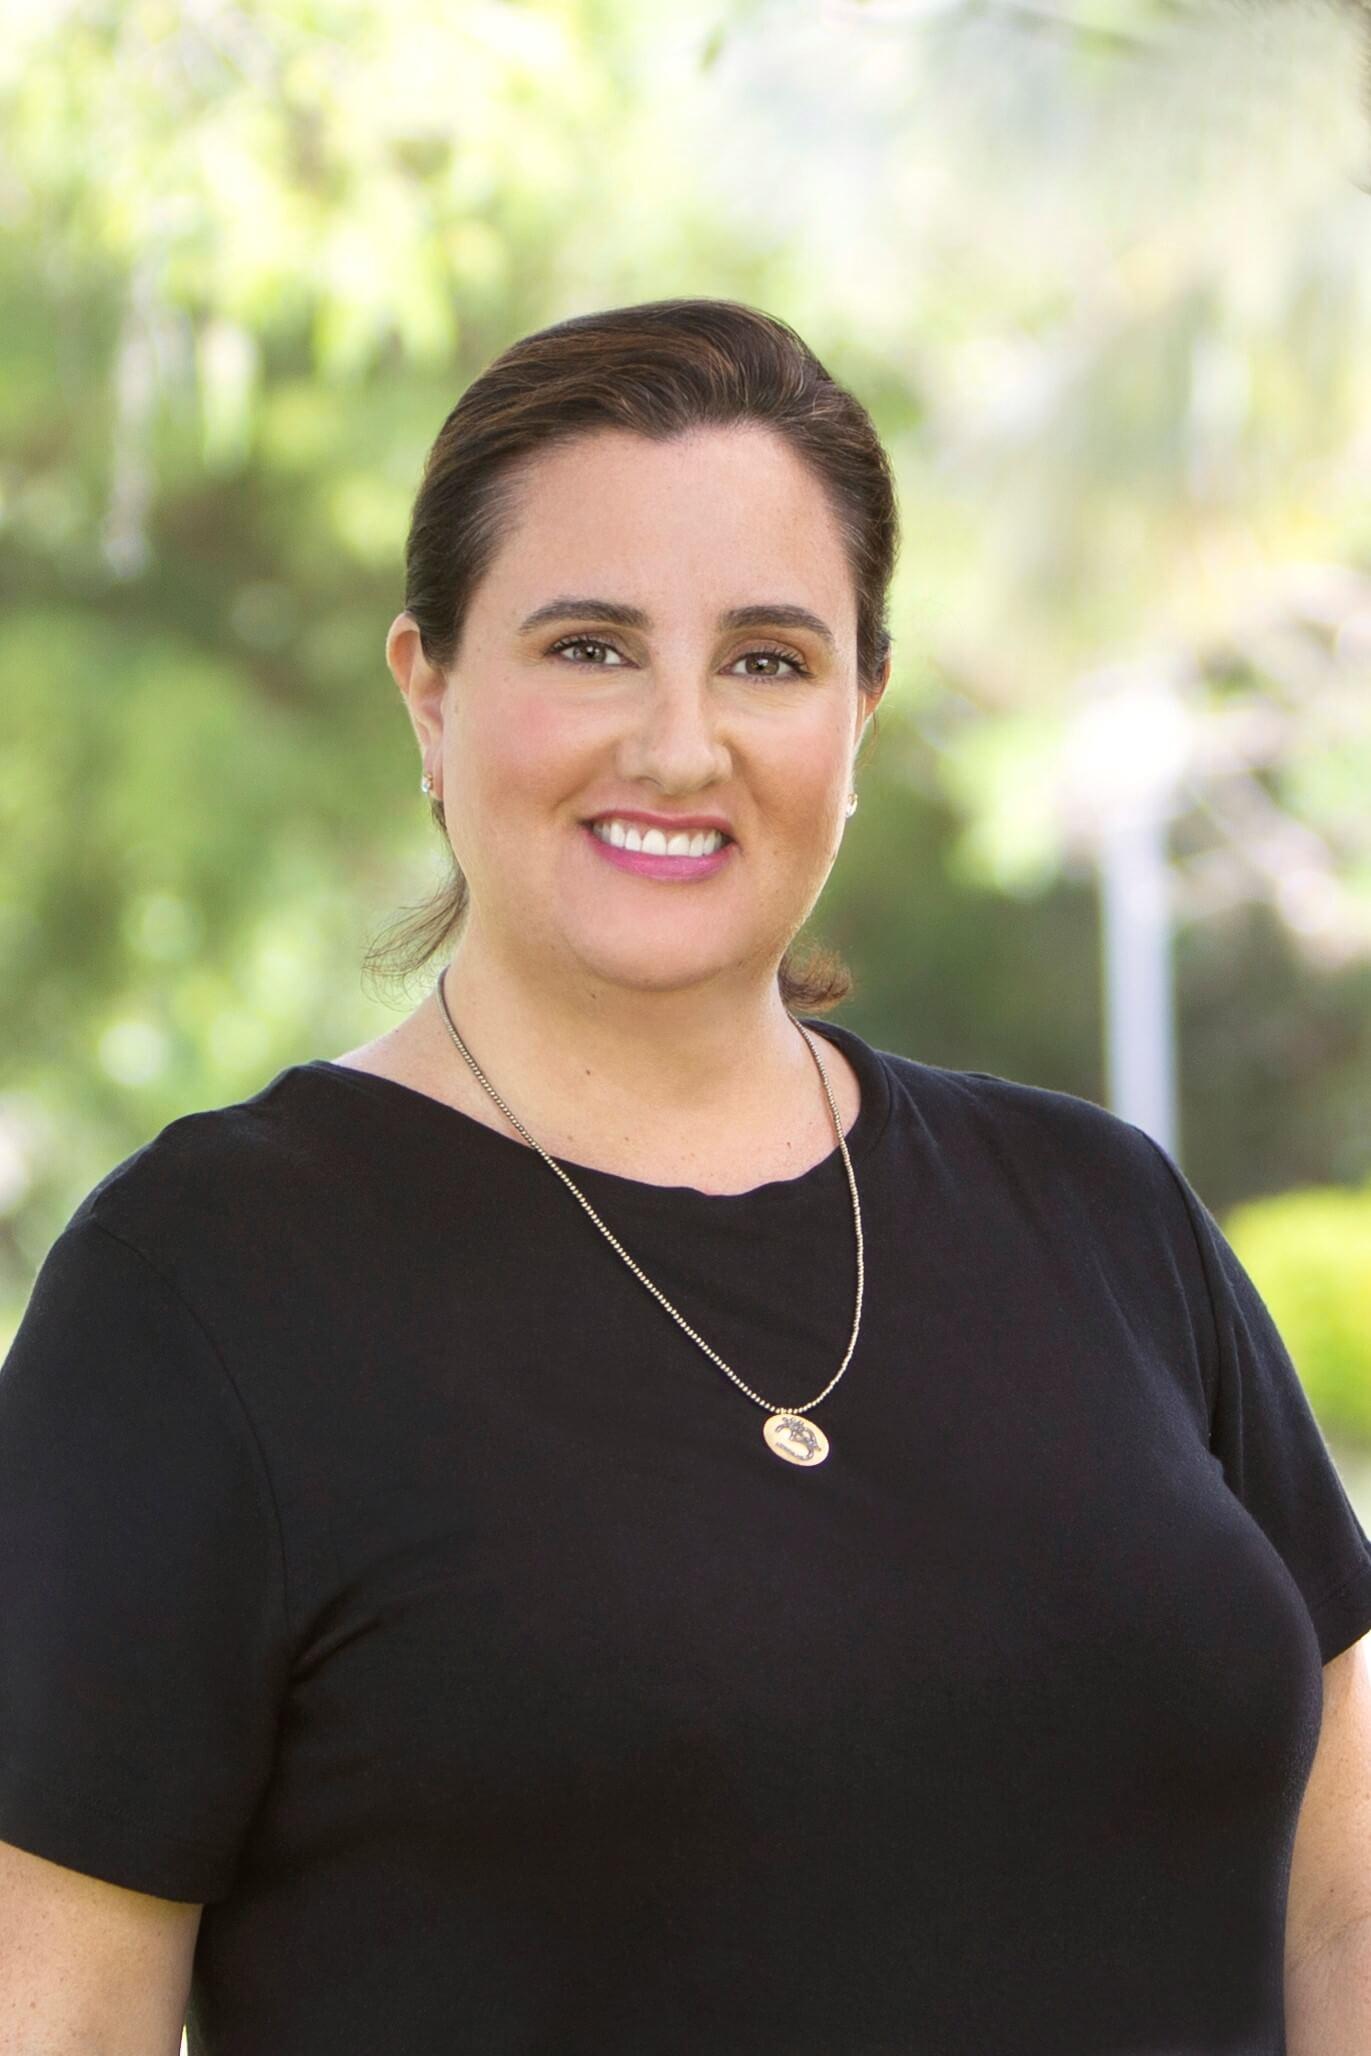 Lisa Giamarino